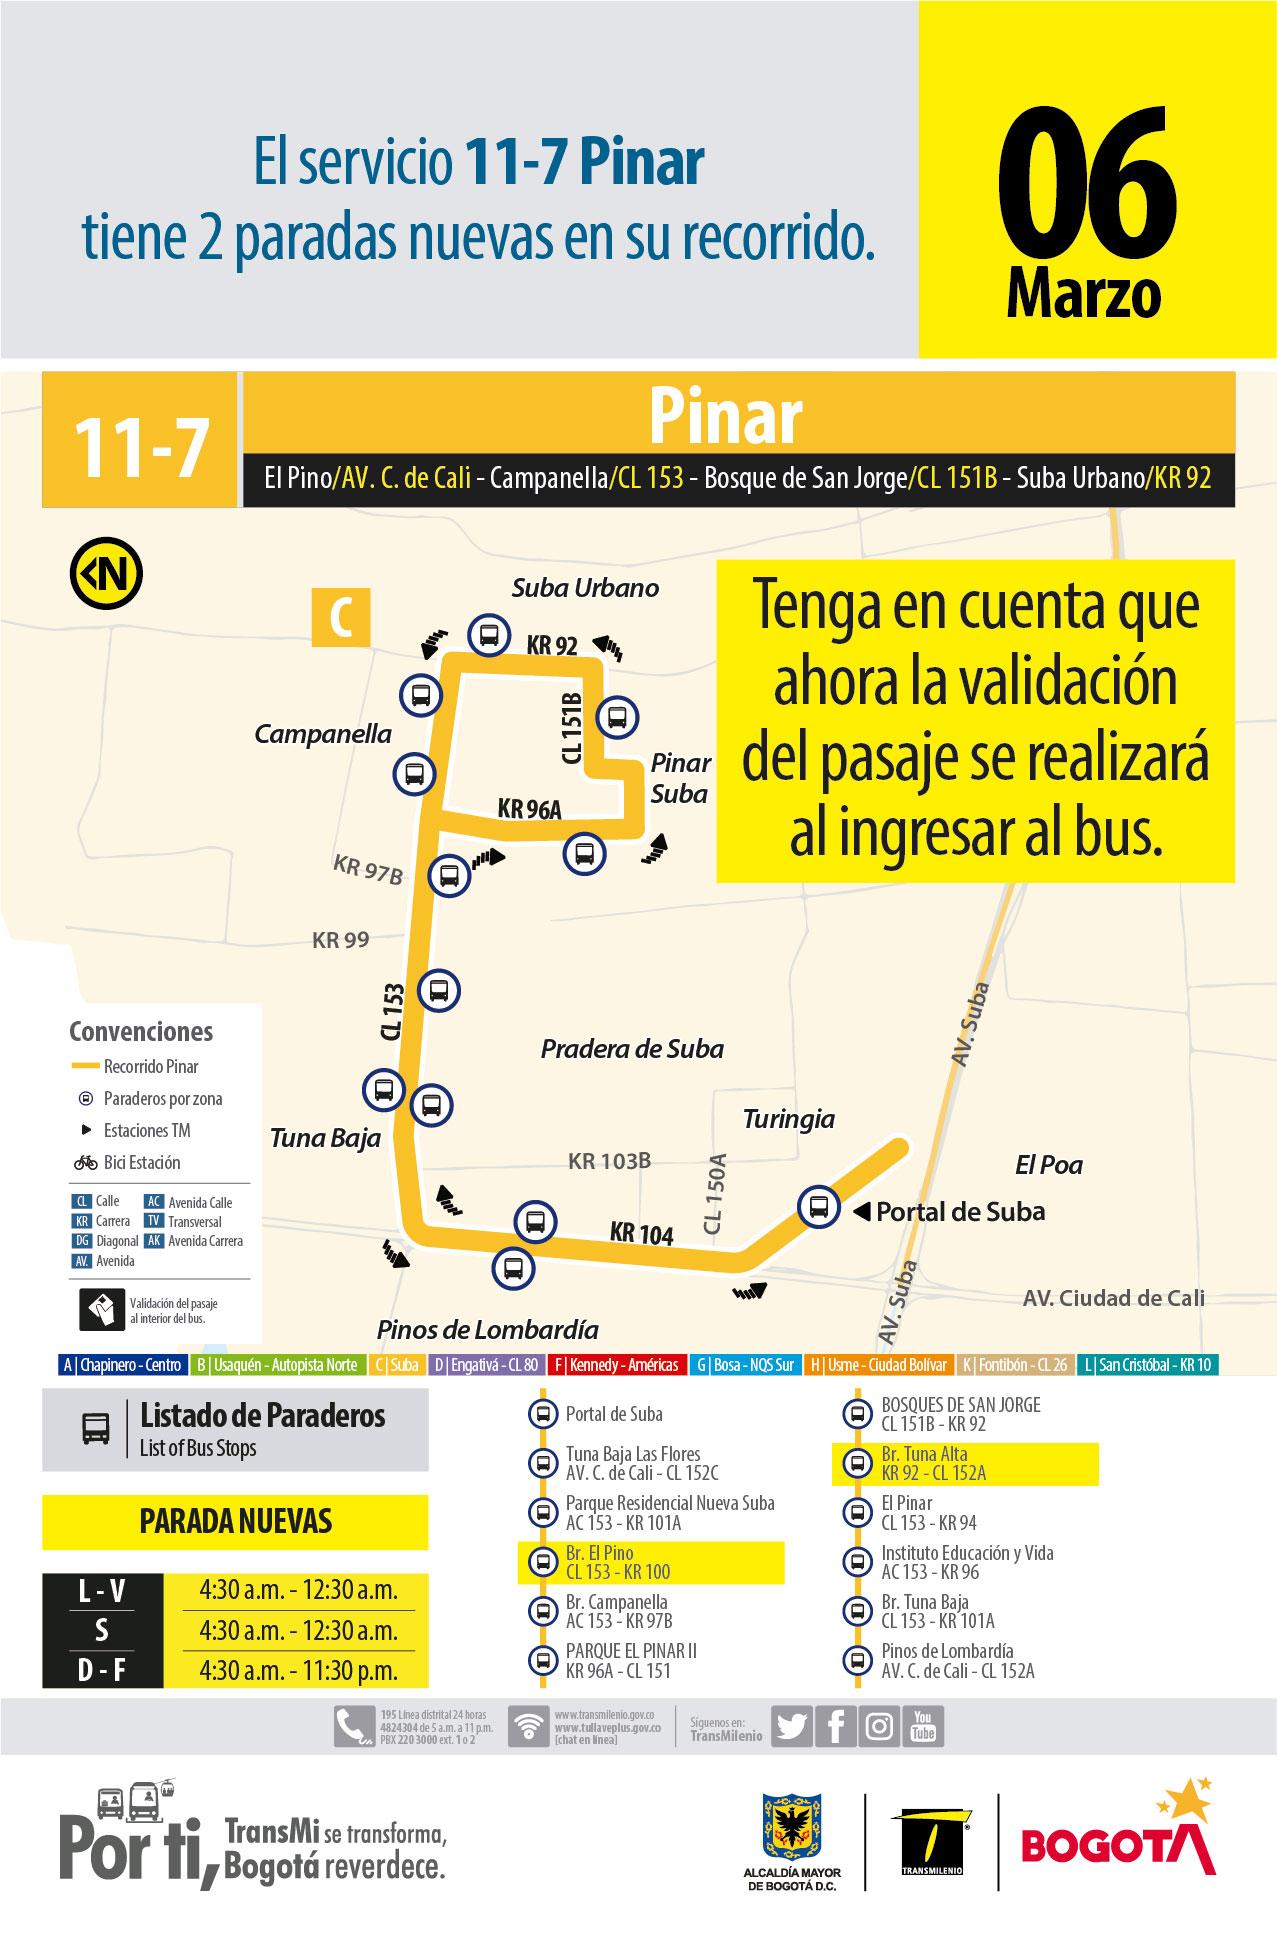 11-7 Pinar